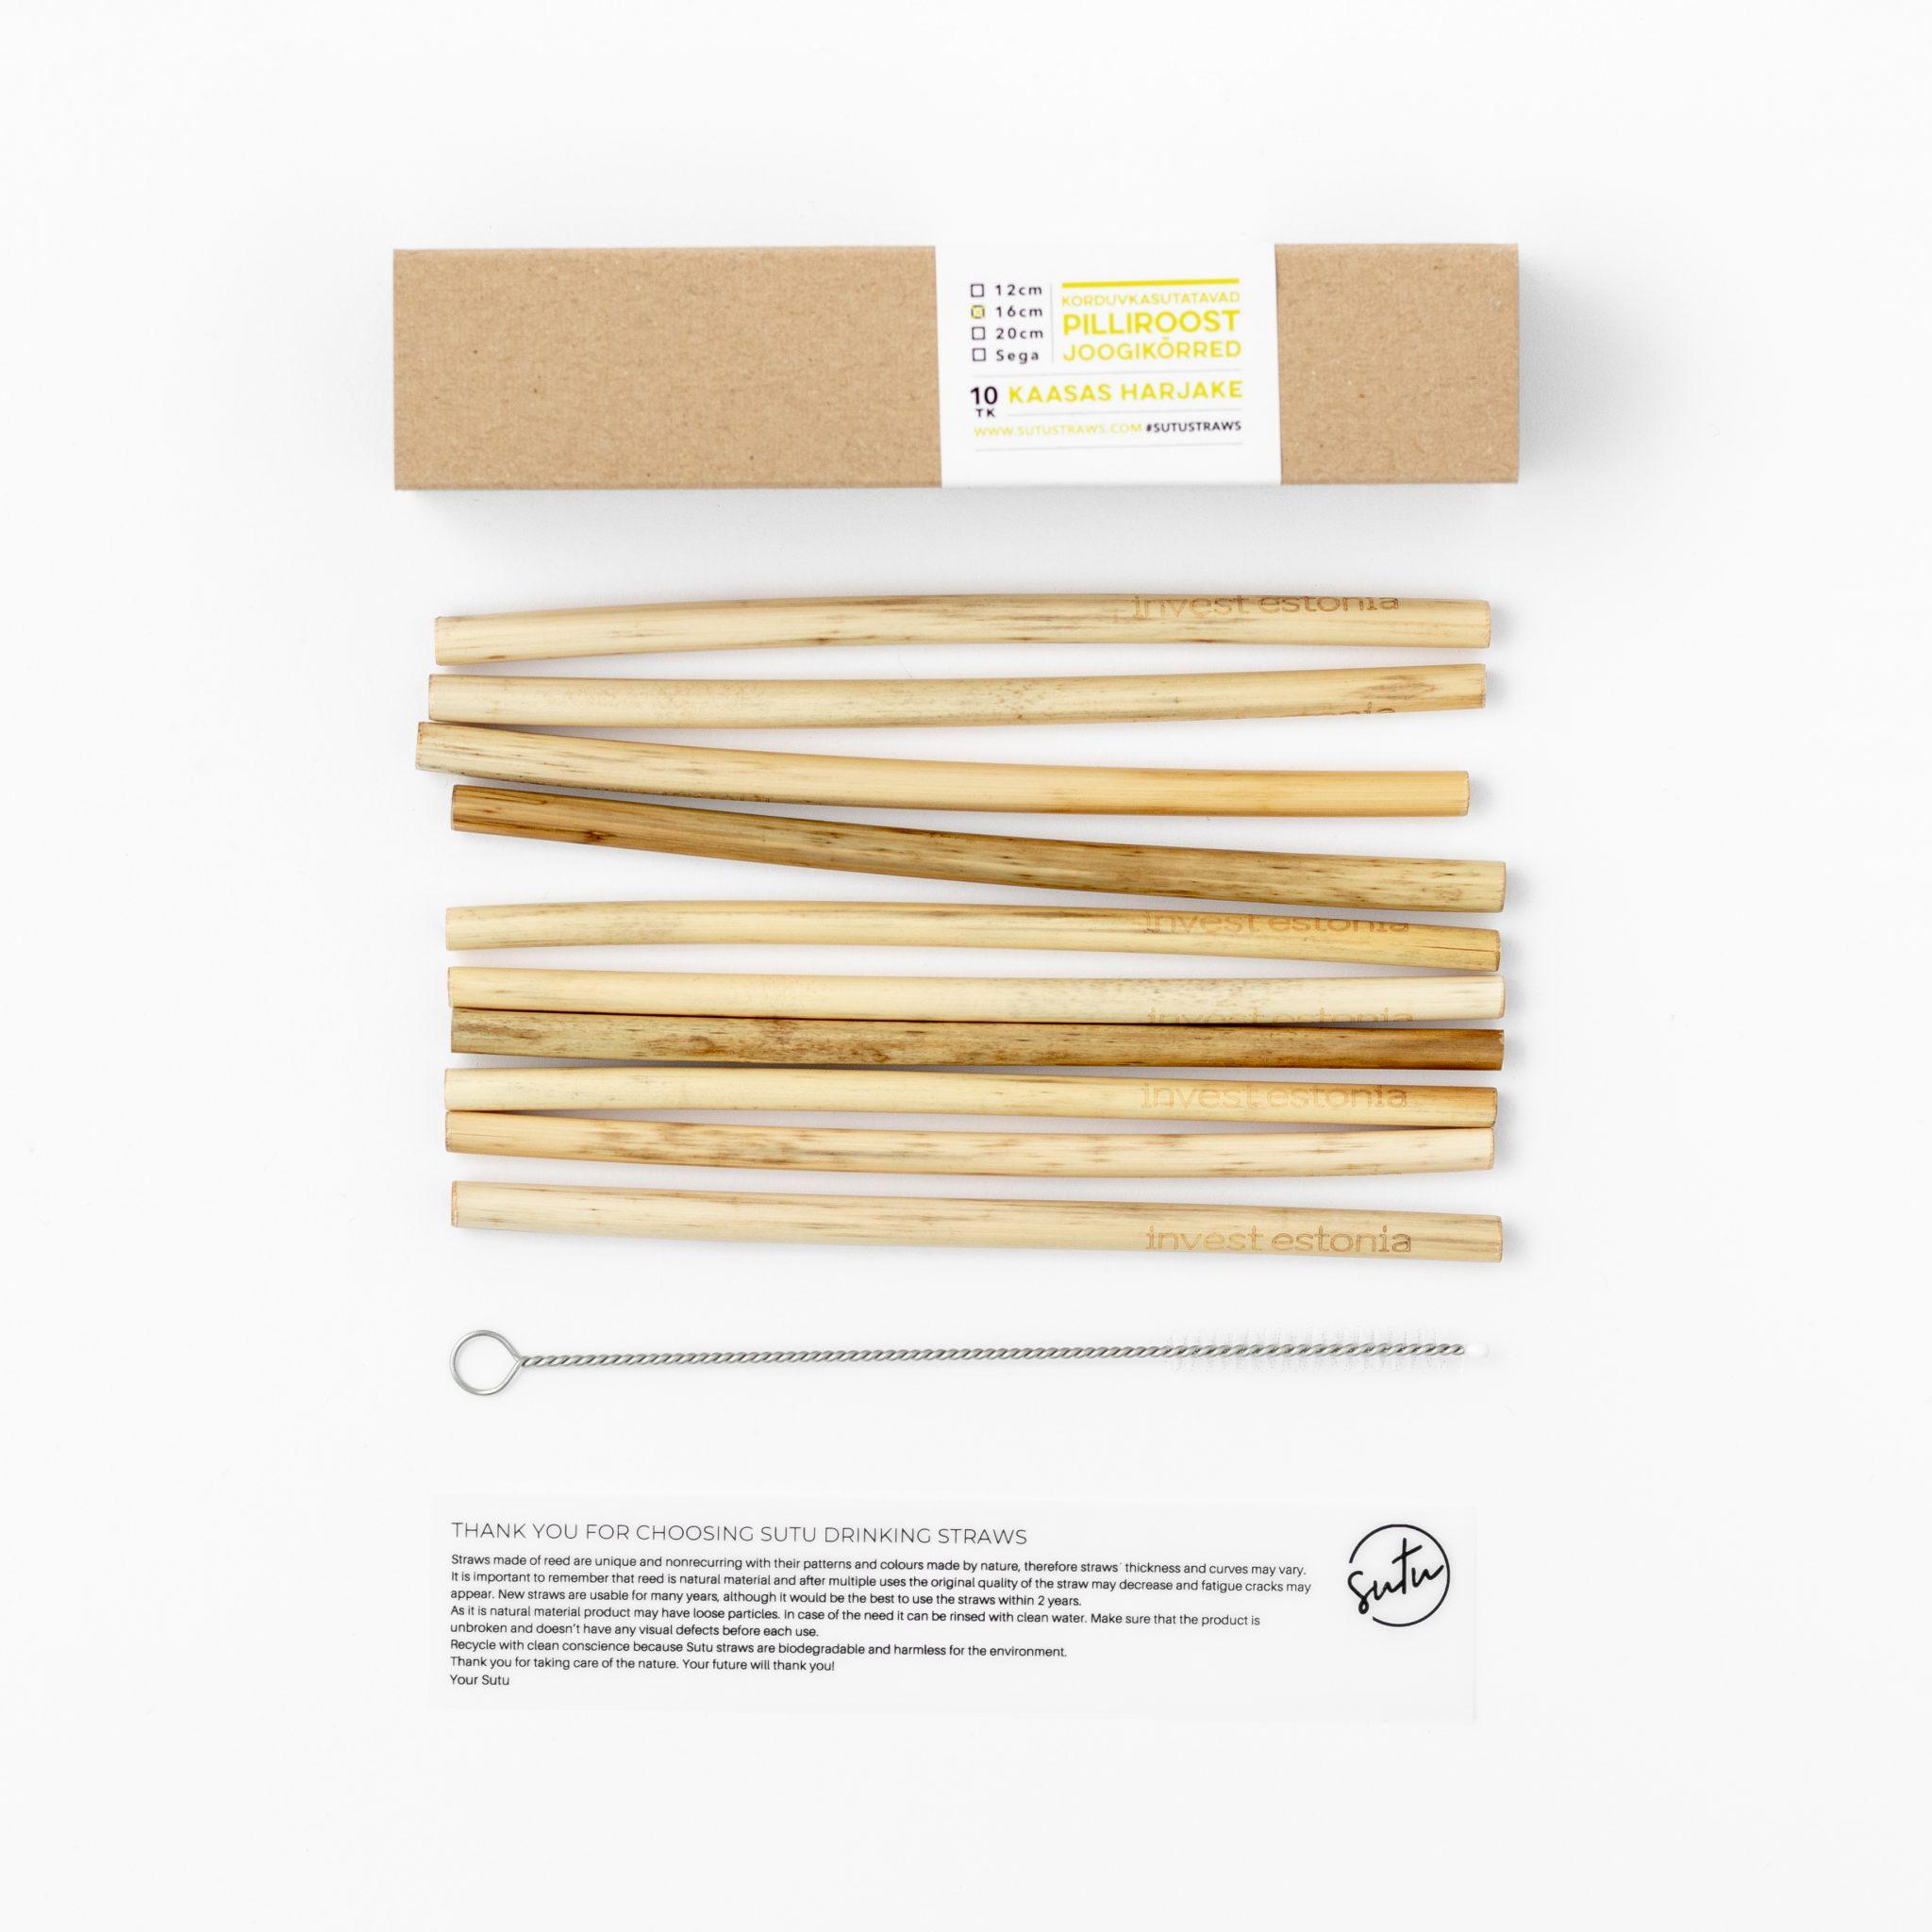 invest estonia straws